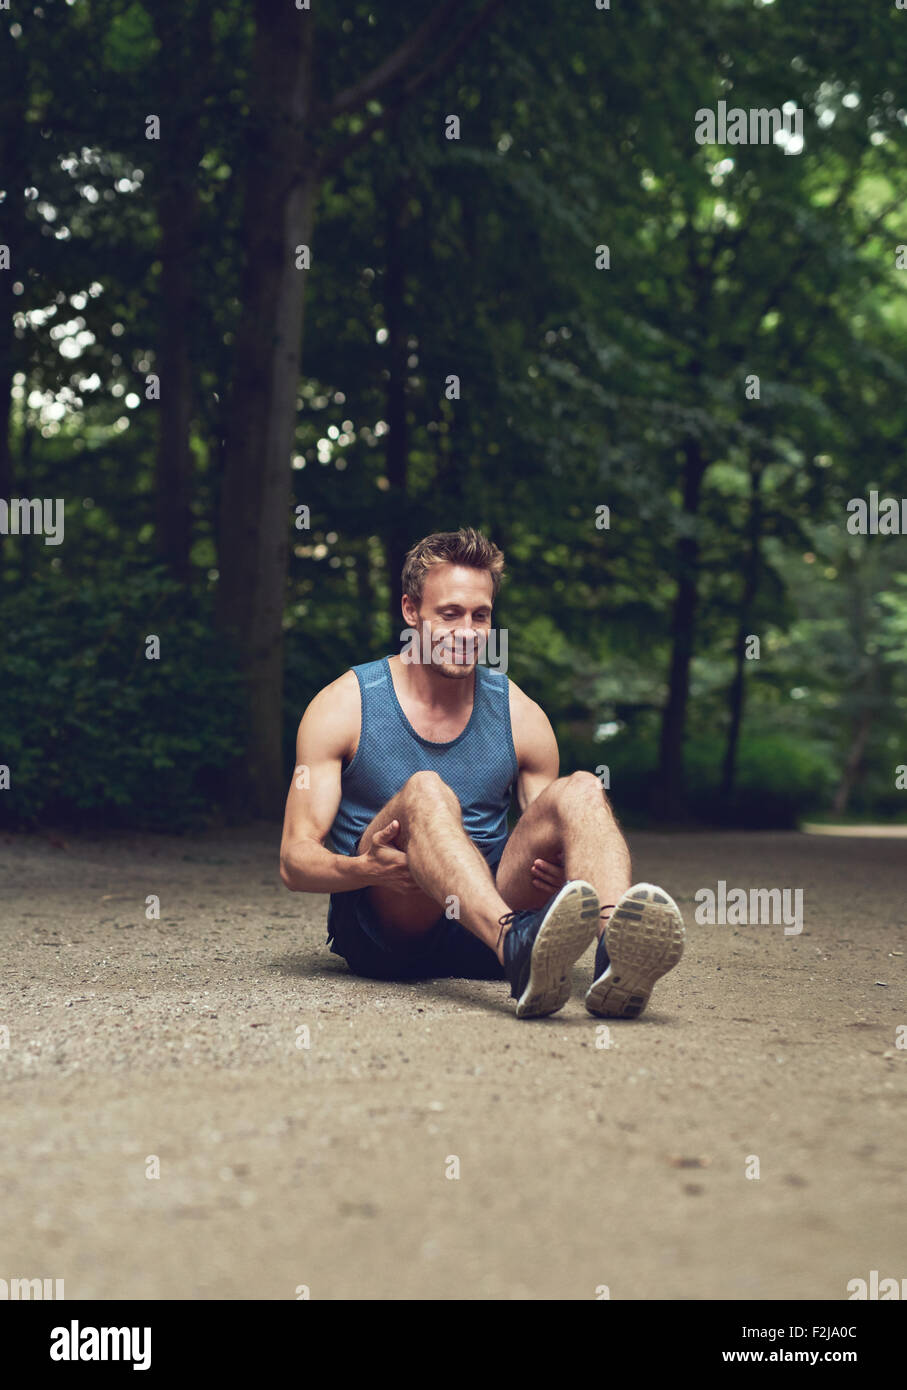 Atletica Giovane Uomo seduto per terra al Parco e flettendo la gamba il warm-up di esercizio, con felici espressioni Immagini Stock